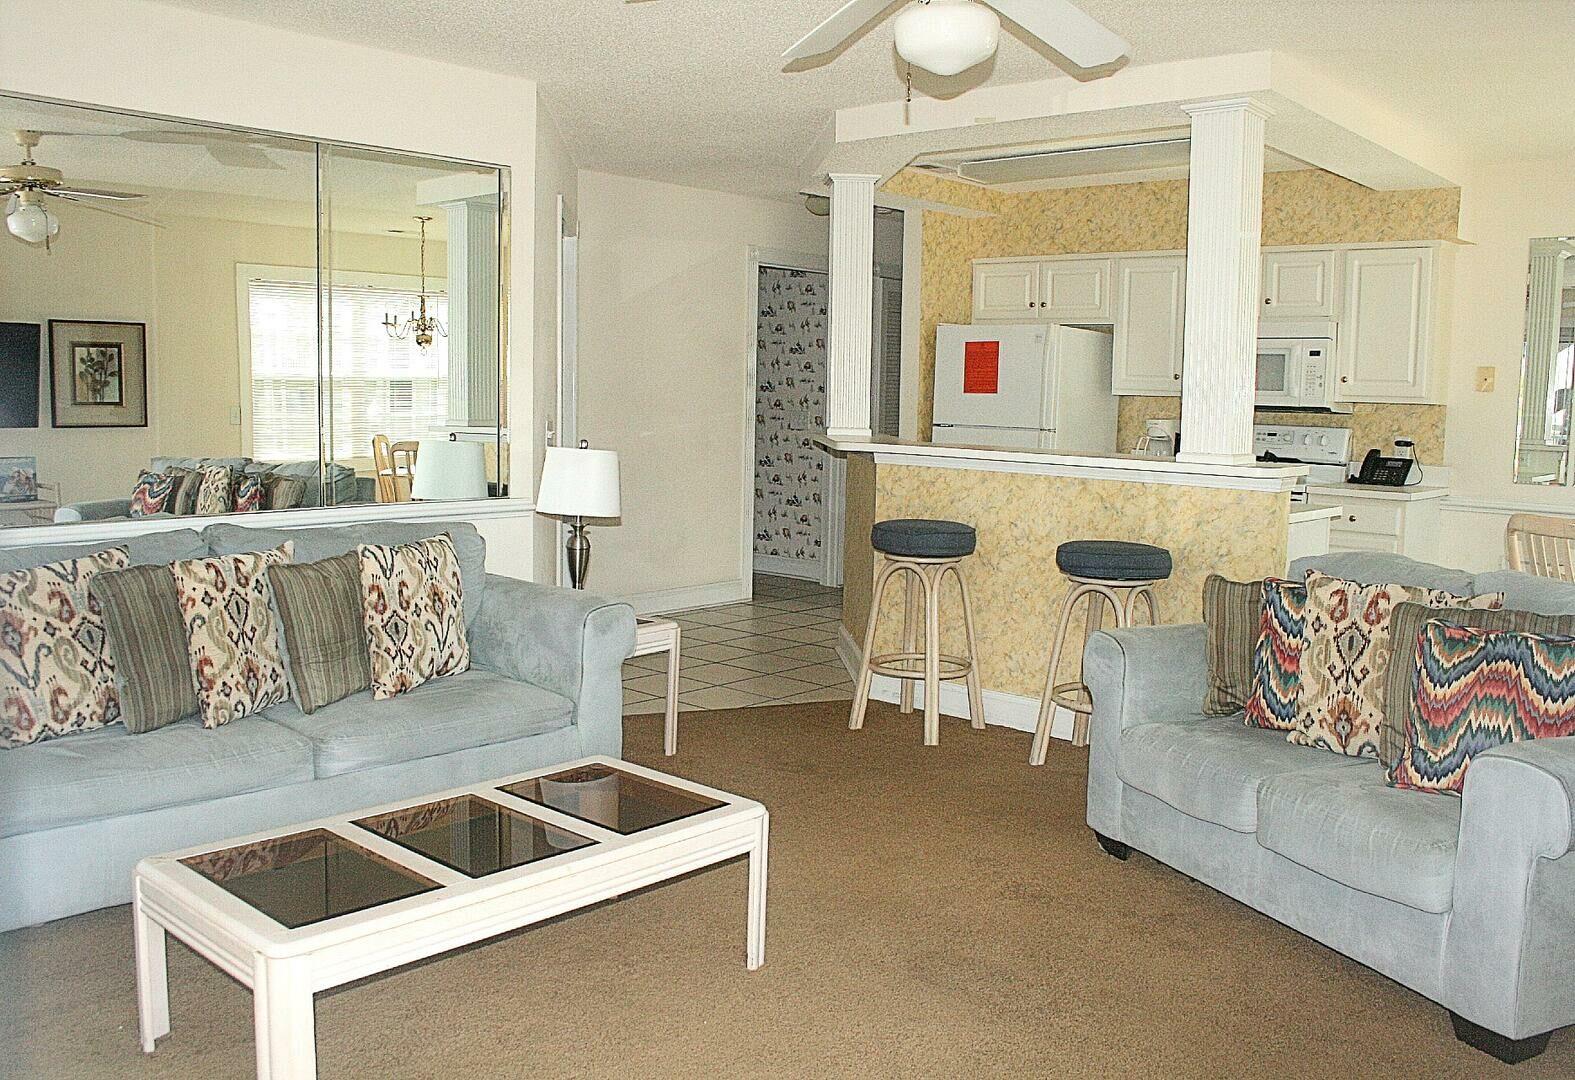 1204M 1 Bedroom/1 Bath Villa